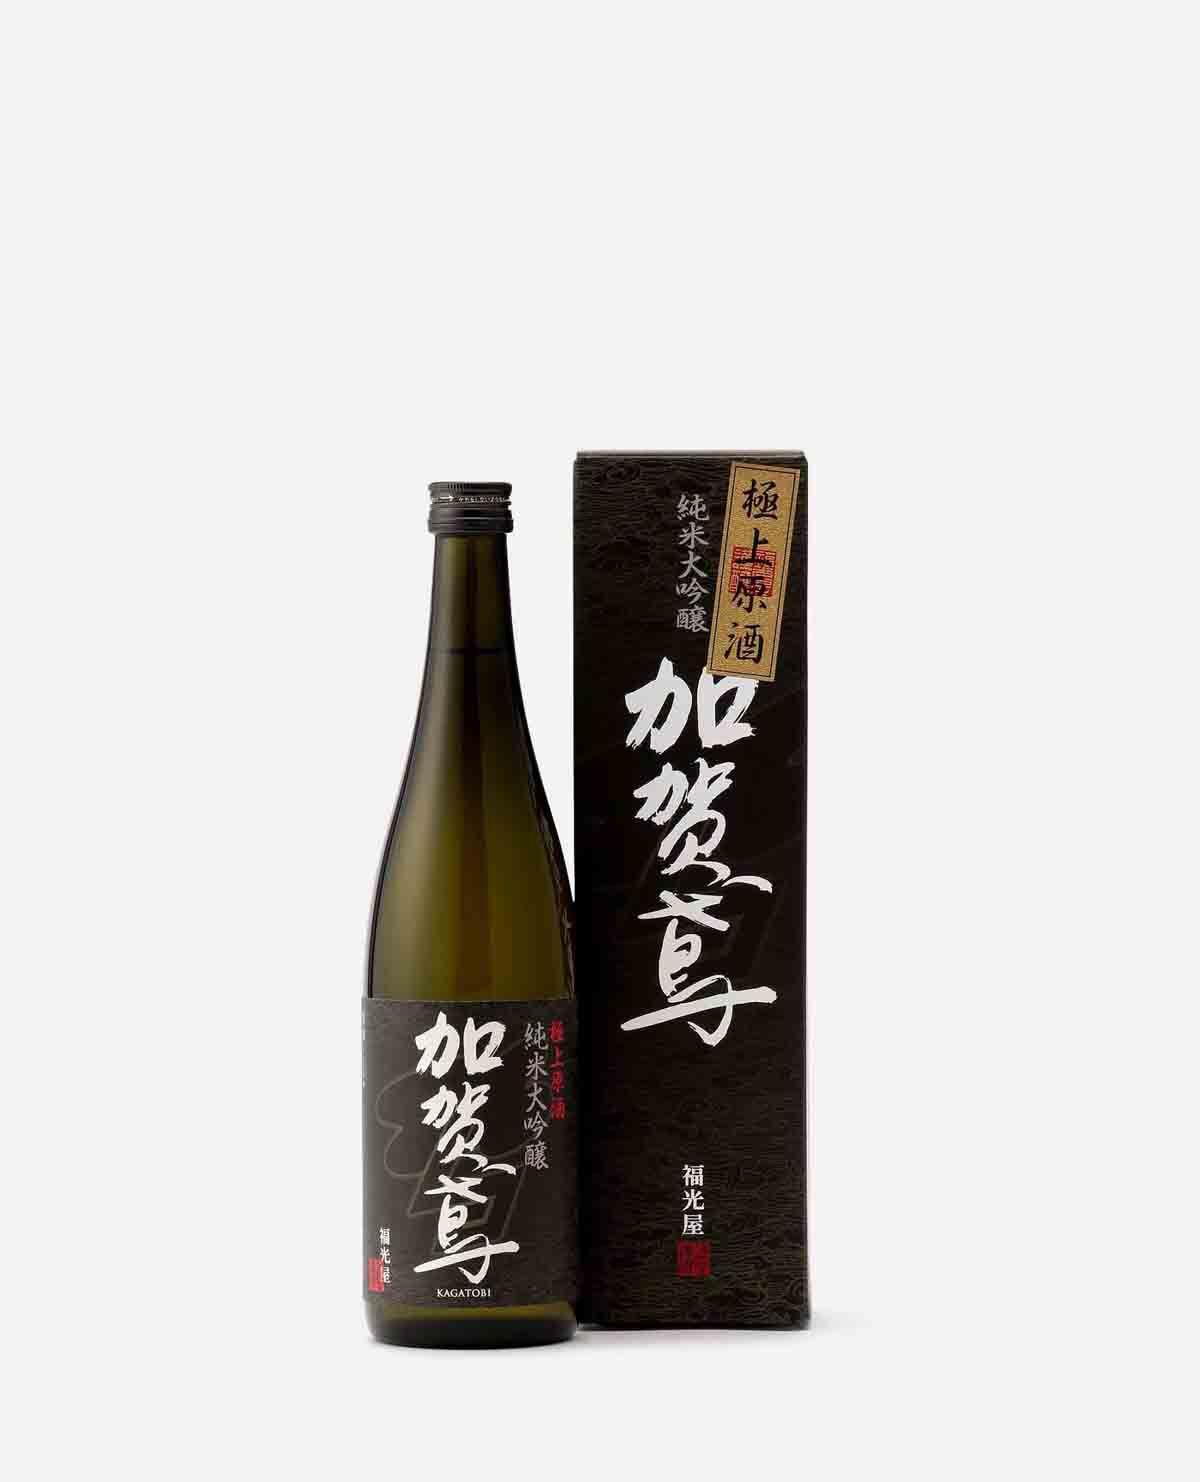 加賀鳶 純米大吟醸 極上原酒